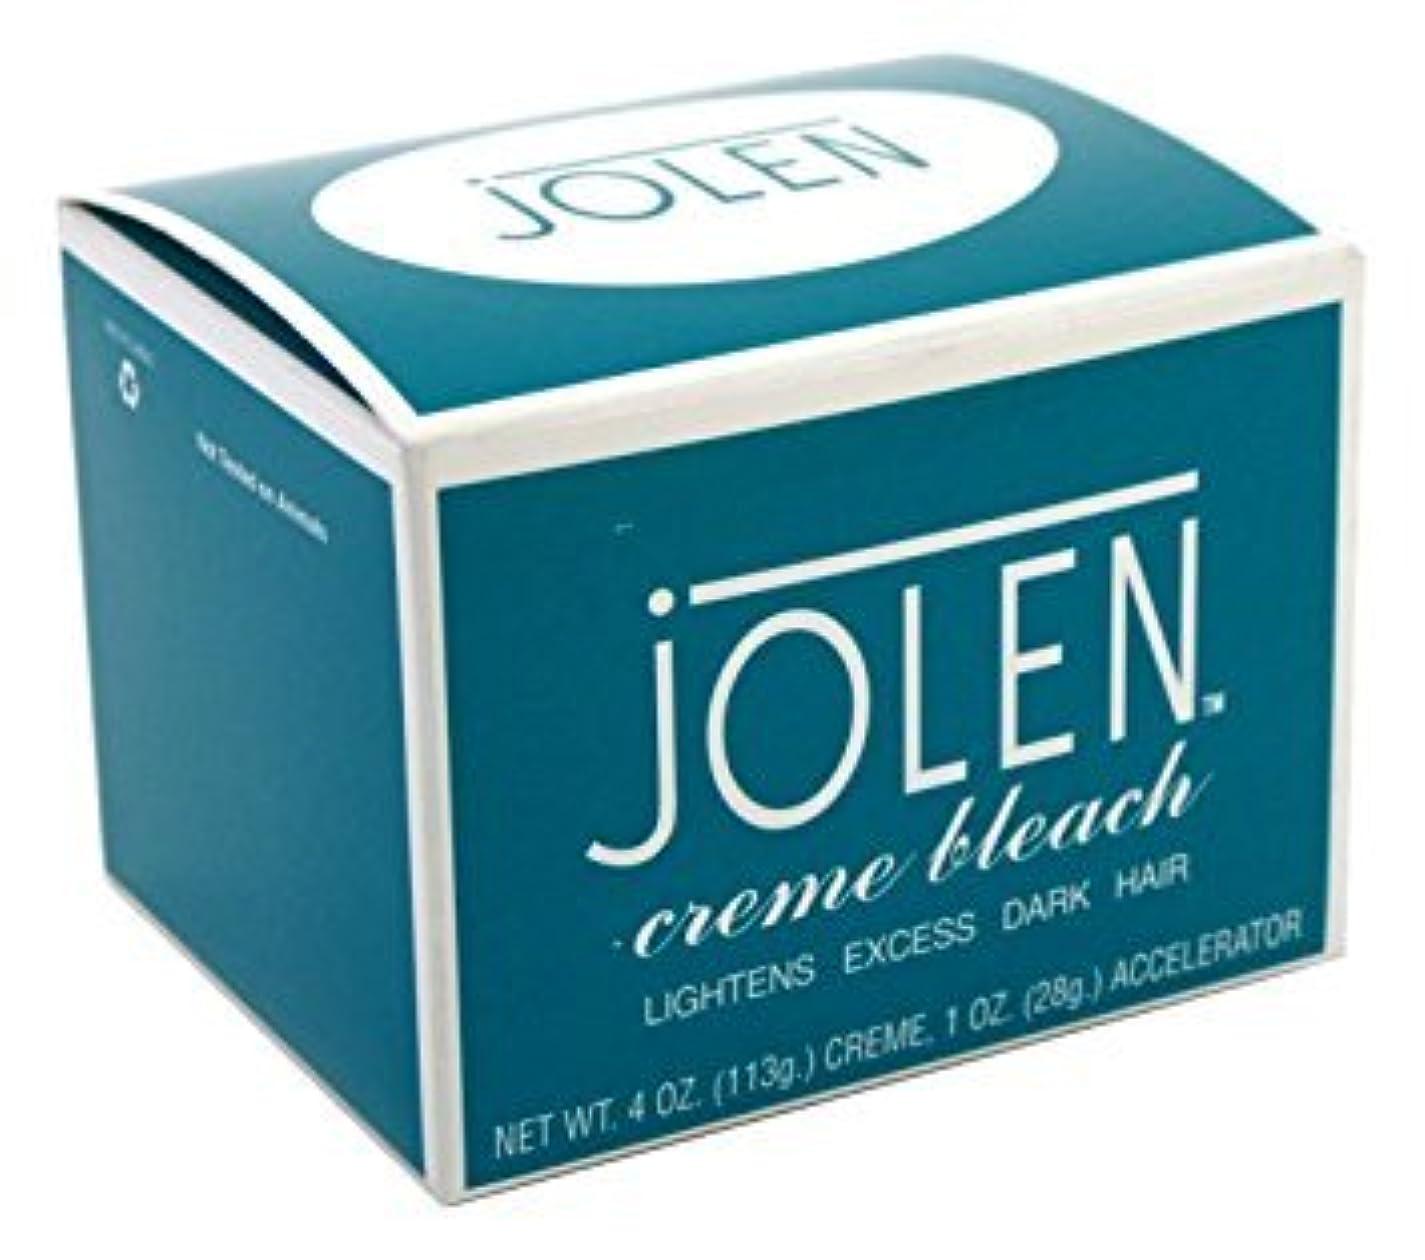 馬鹿幸福高潔な箱つぶれ Jolen ジョレン 眉用ブリーチクリーム  レギュラー 大きなサイズ 4オンス [並行輸入品]